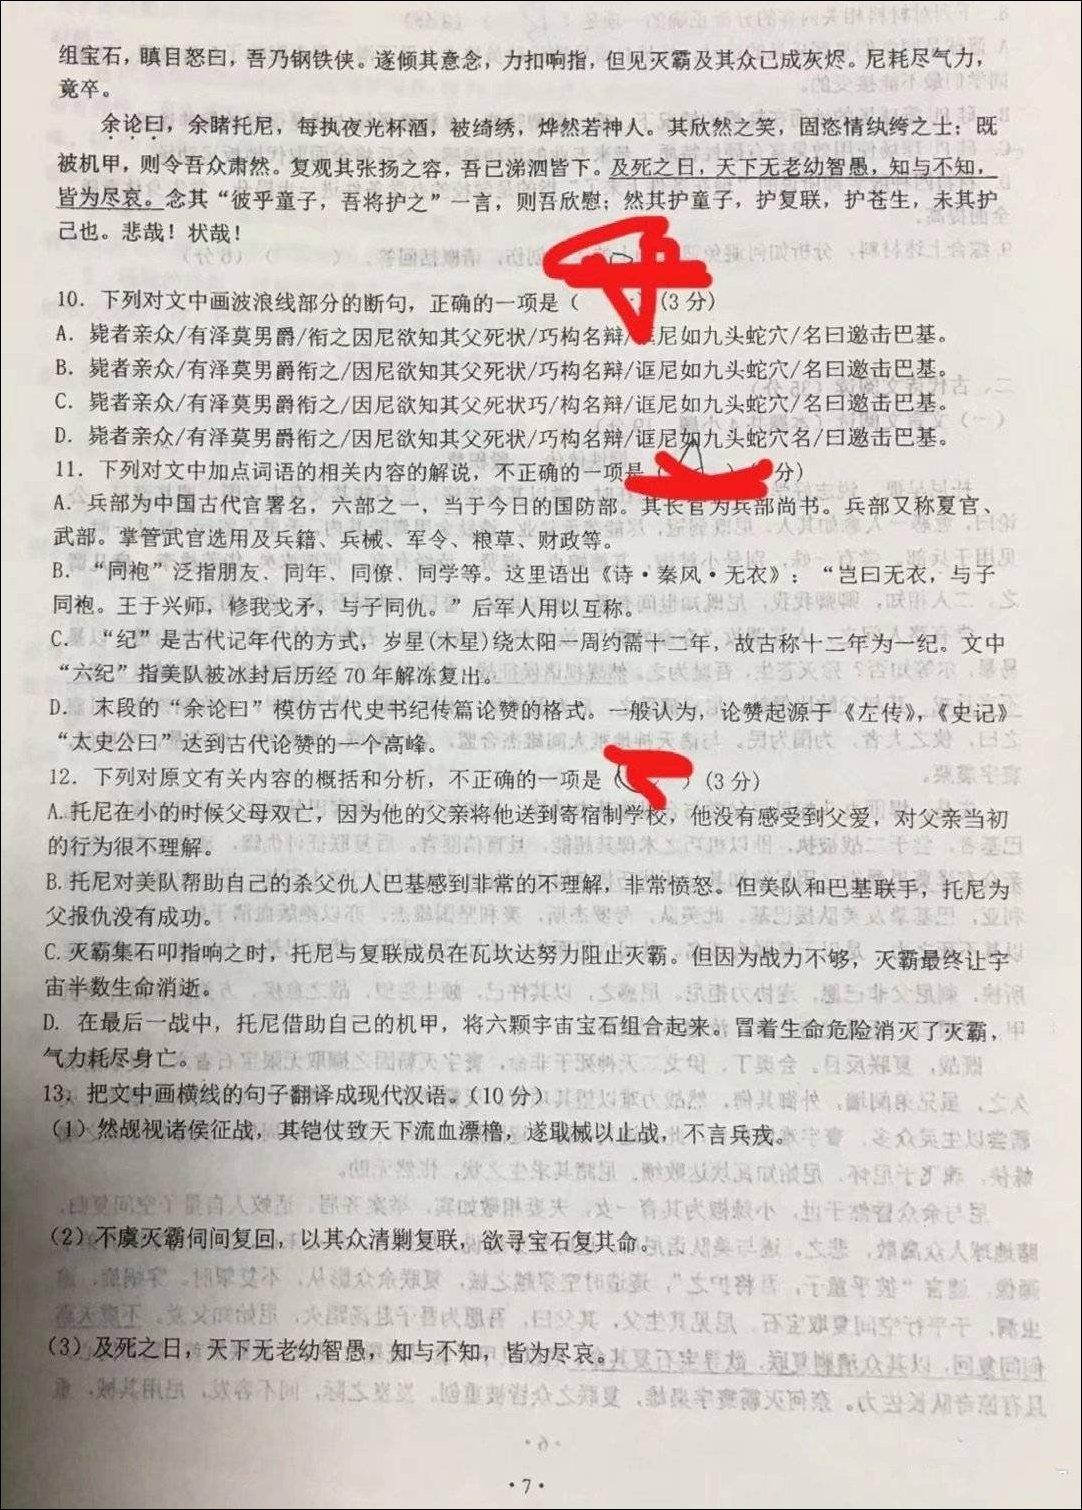 绍兴搜狐焦点网_东北育才学校初三月考惊现口语文《钢铁侠传》,网友:吹爆中国翰墨!